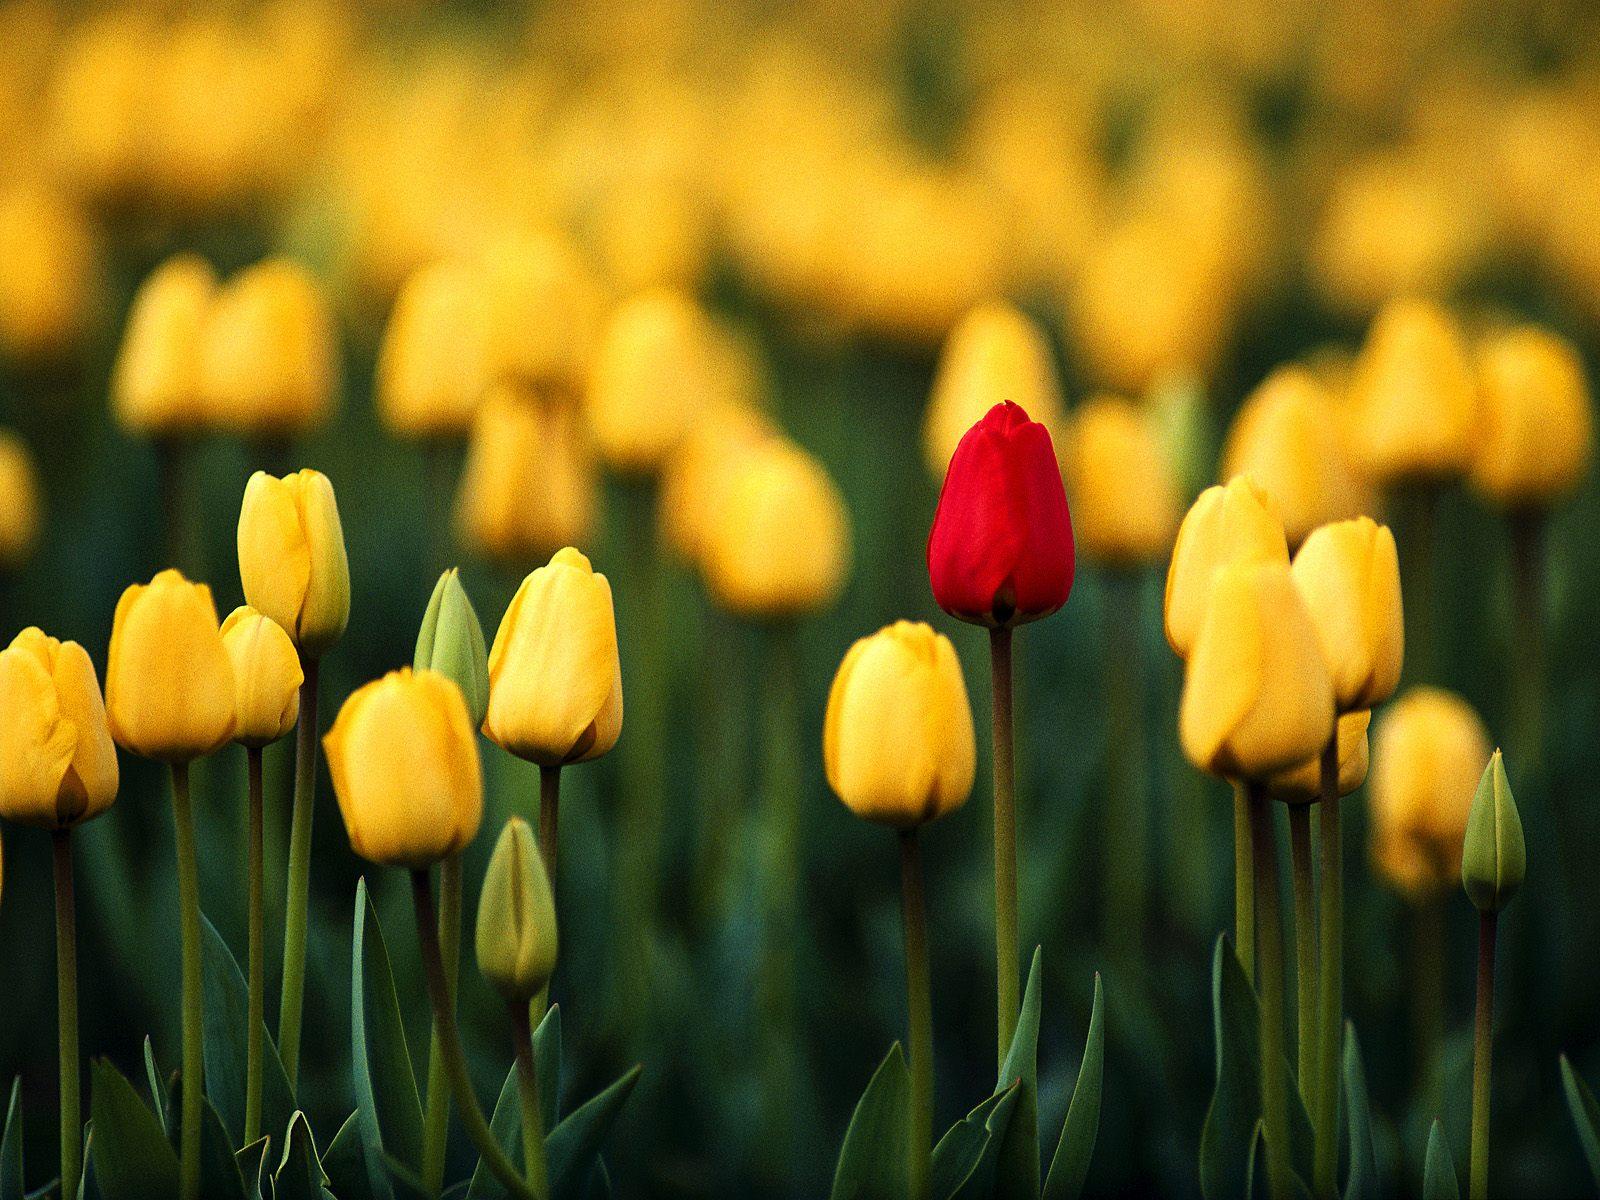 صور ورد Flowers Pictures خلفيات 10